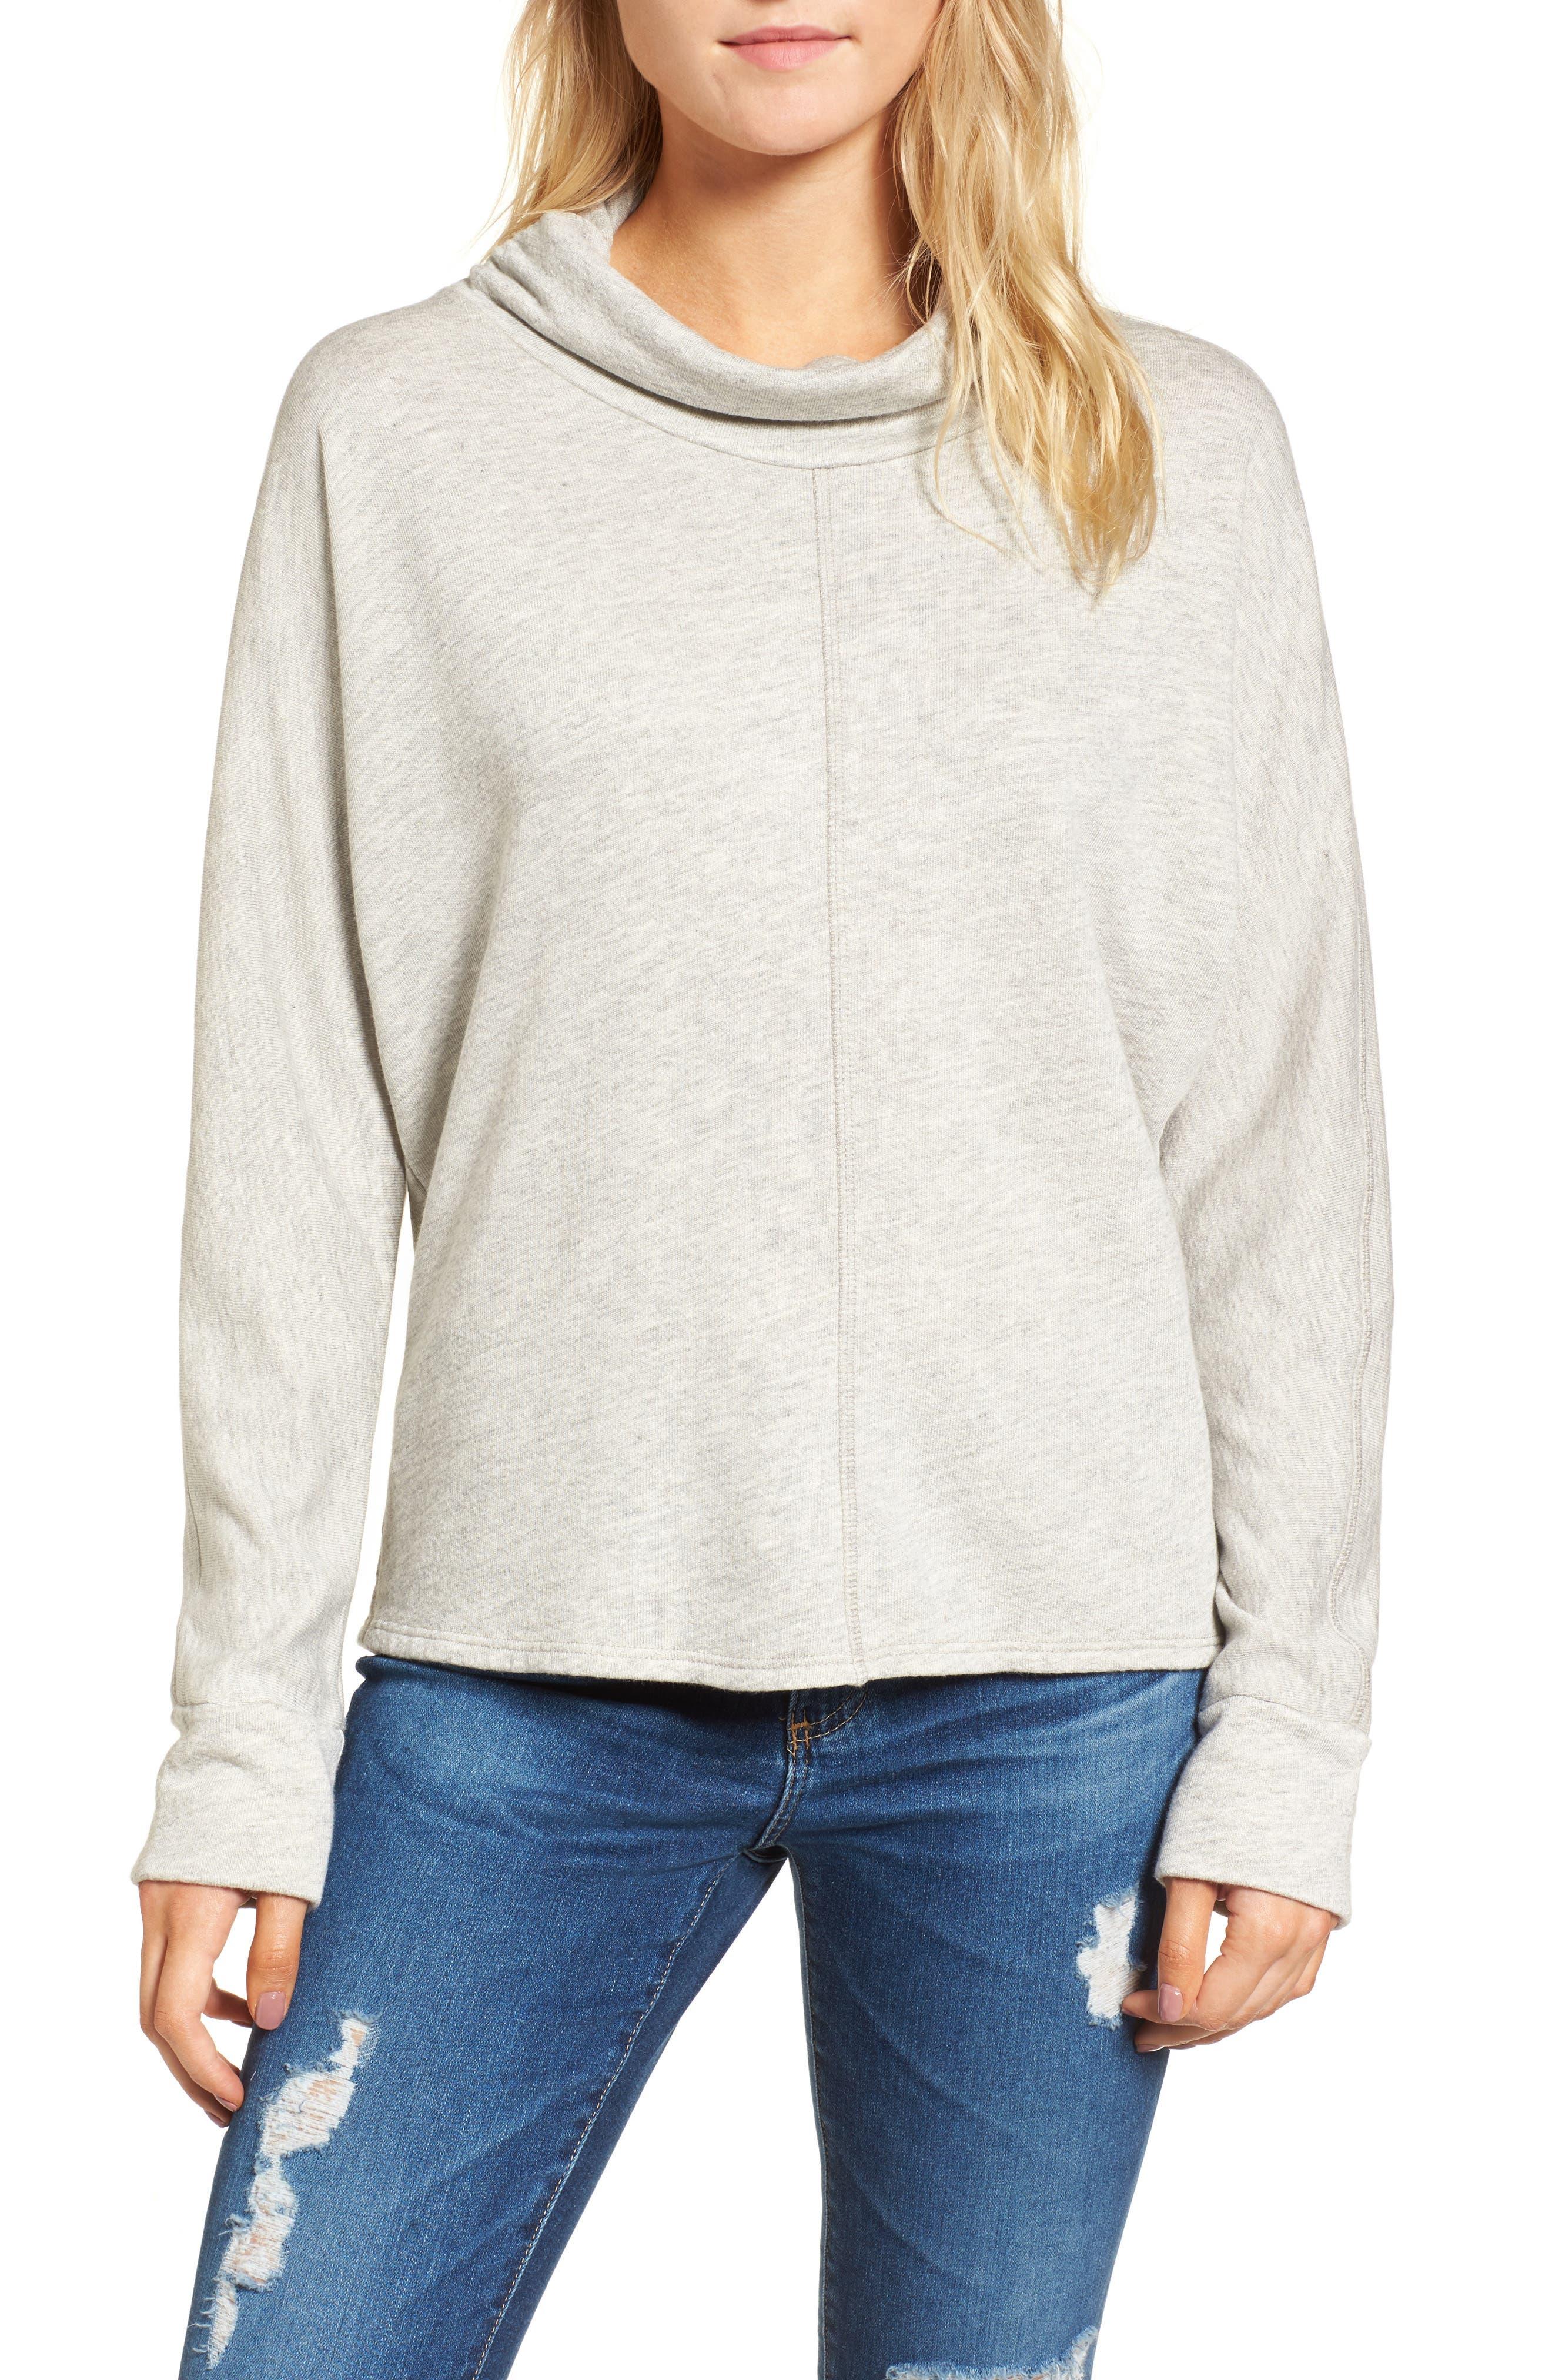 Helix Turtleneck Sweatshirt,                         Main,                         color, Heather Grey